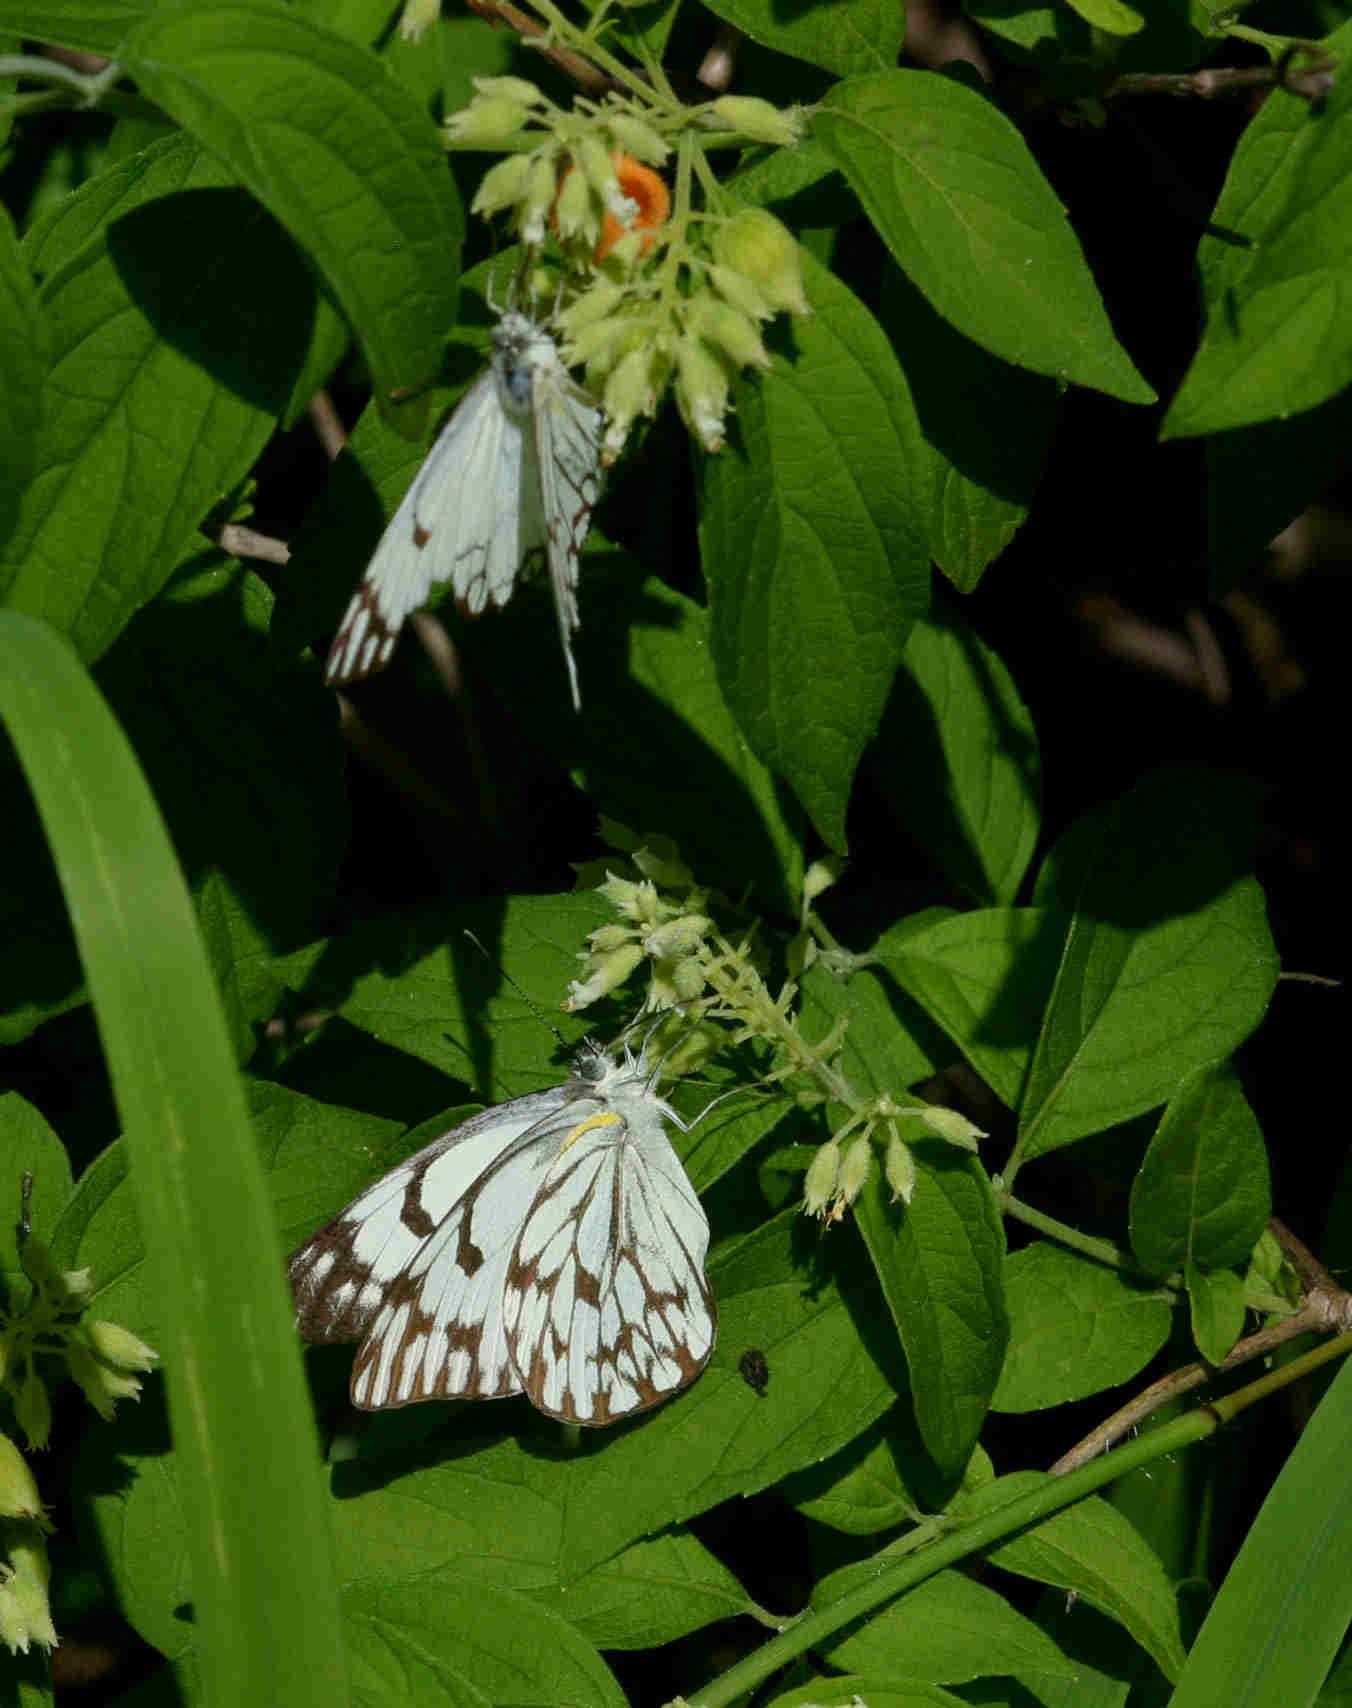 Belenois gidica